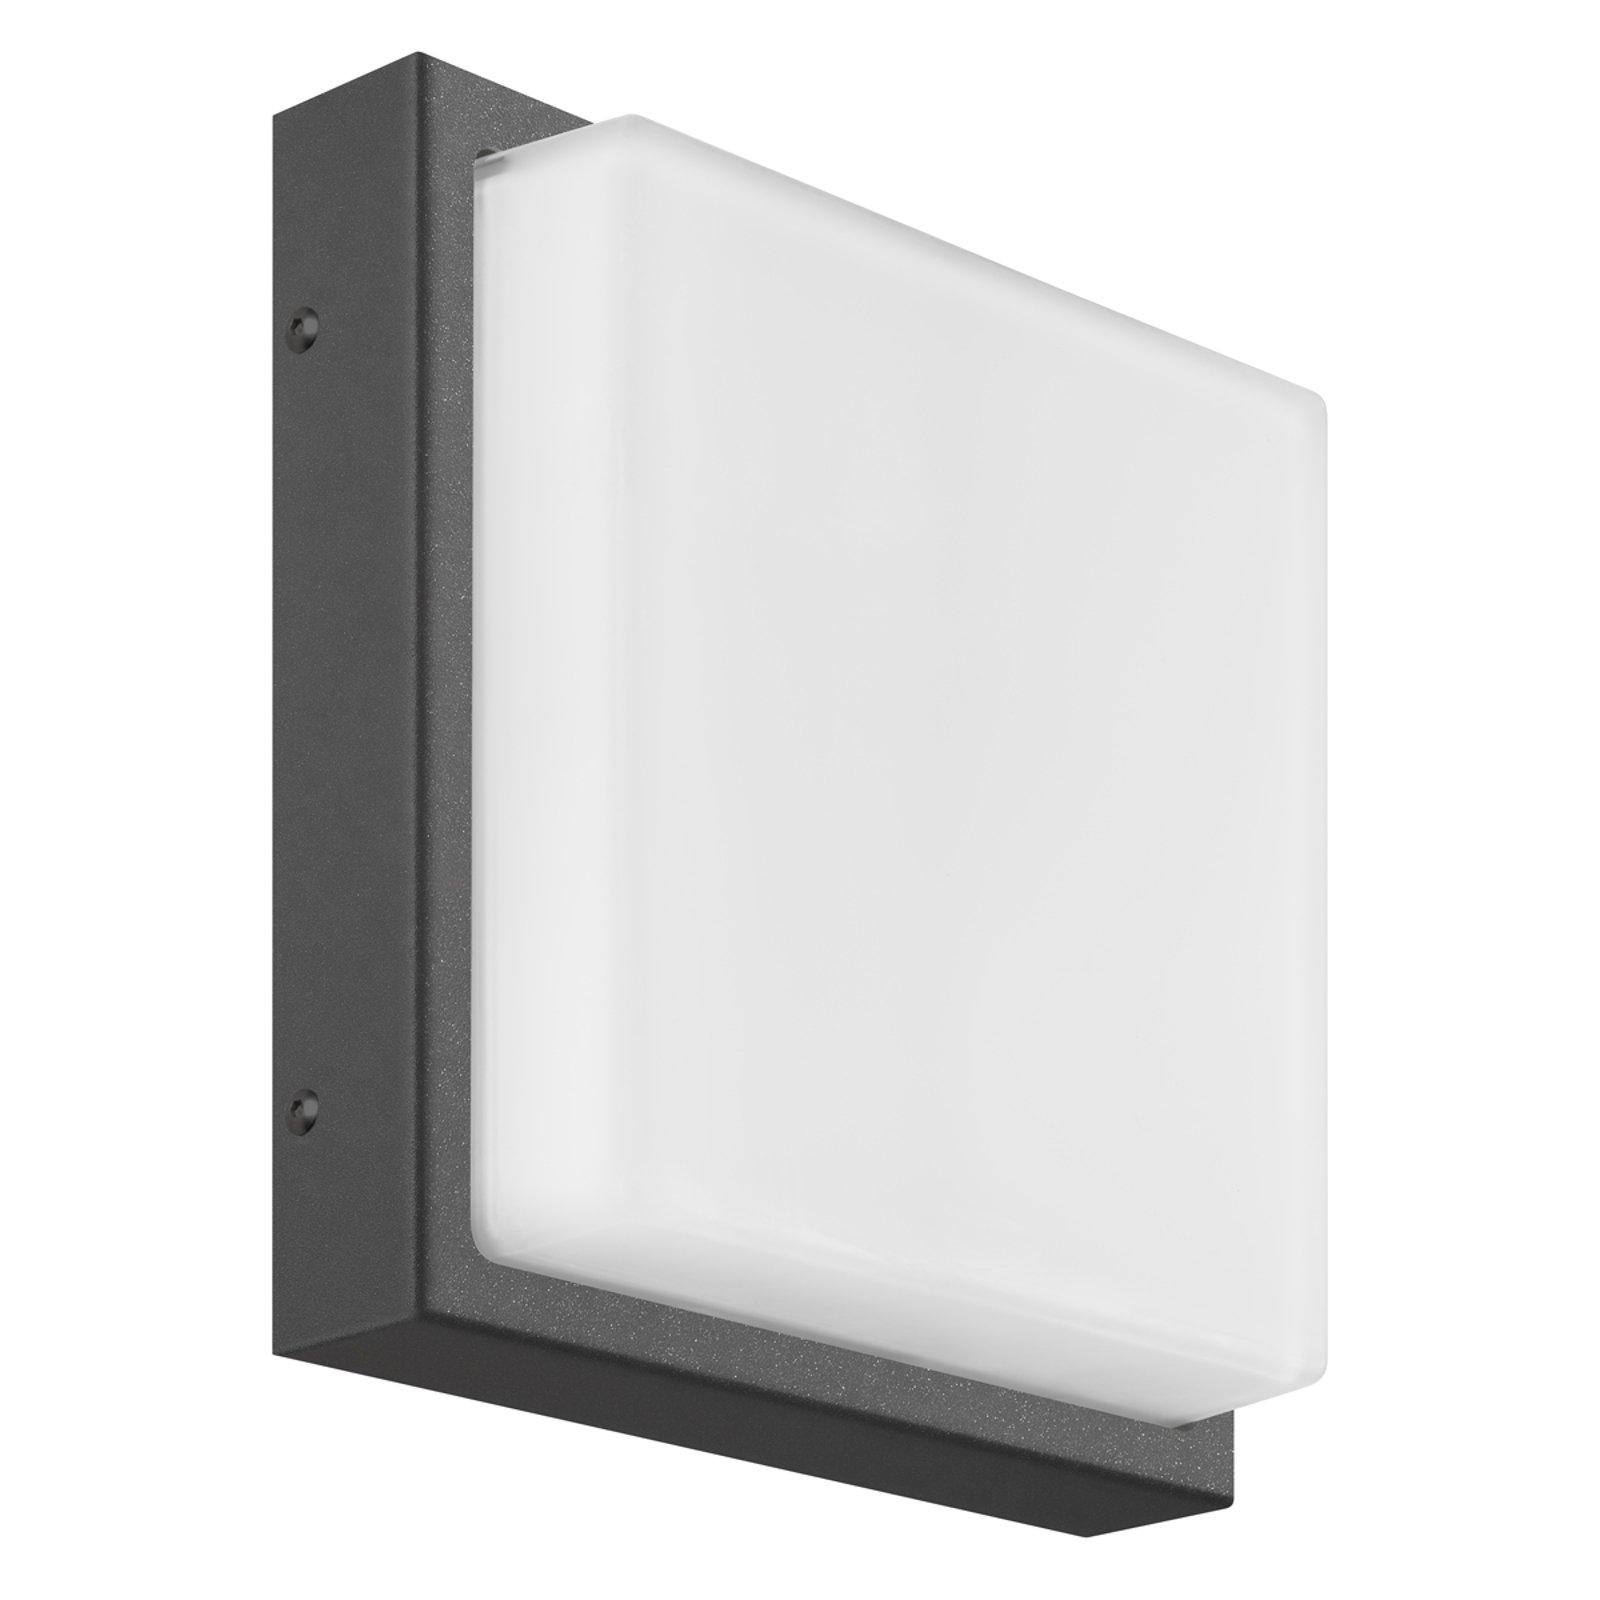 Ernest kvadratisk utendørs LED-vegglampe